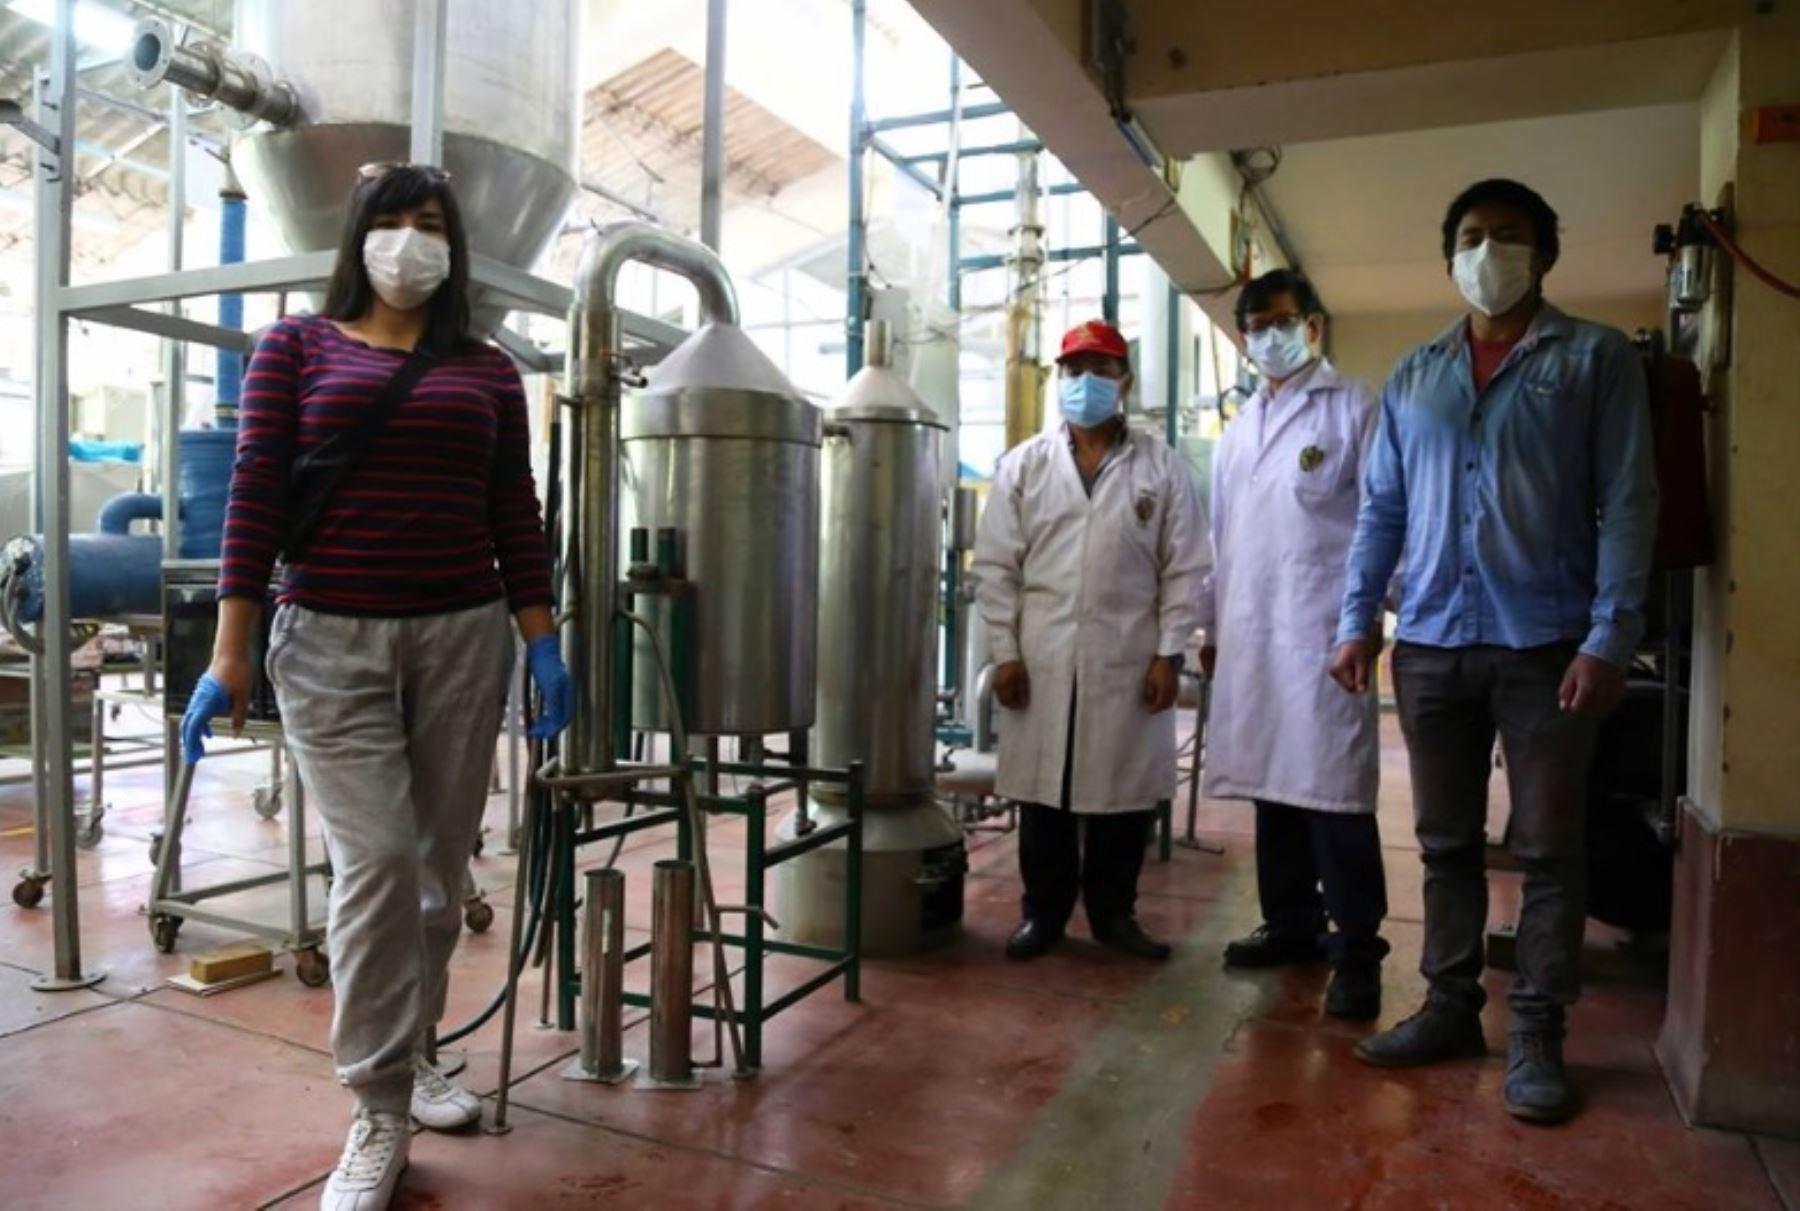 Estudiantes de la Escuela Profesional de Ingenierìa Química de la Universidad Nacional de San Cristóbal de Huamanga (UNSCH) elaborarán aceite esencial de eucalipto o eucaliptol para aliviar los síntomas del covid-19.